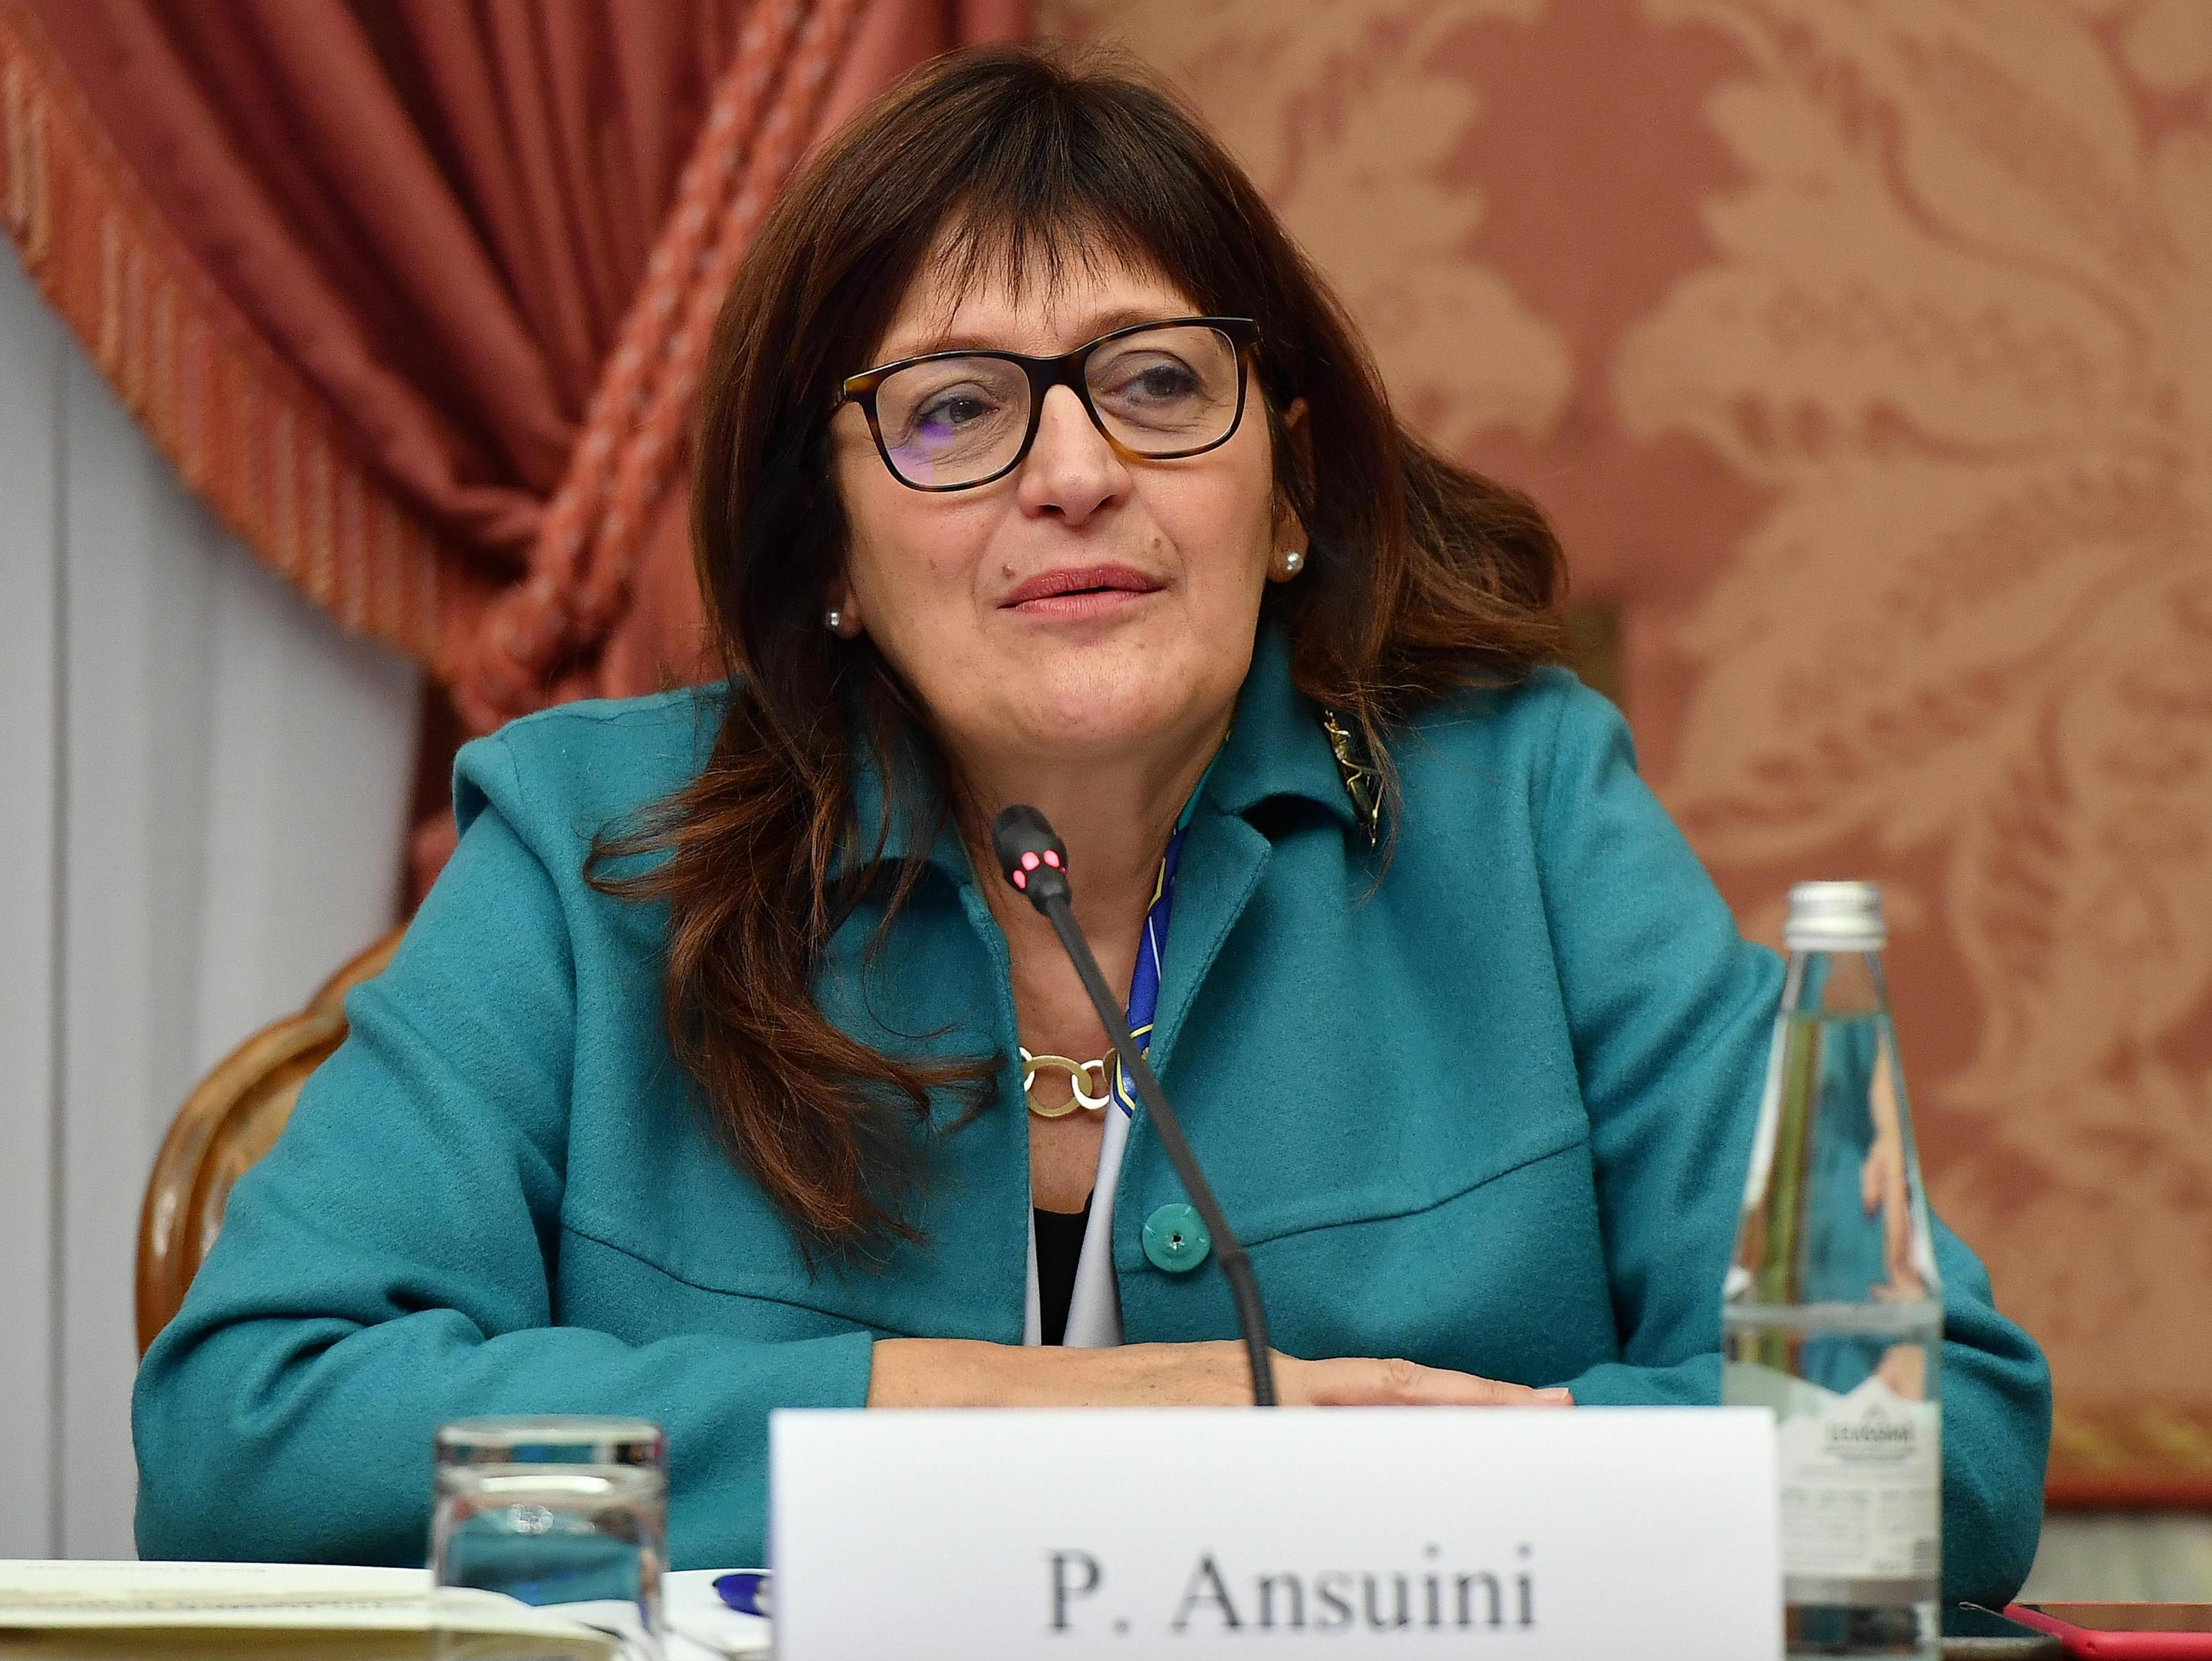 Paola Ansuini chi è la nuova portavoce di Mario Draghi